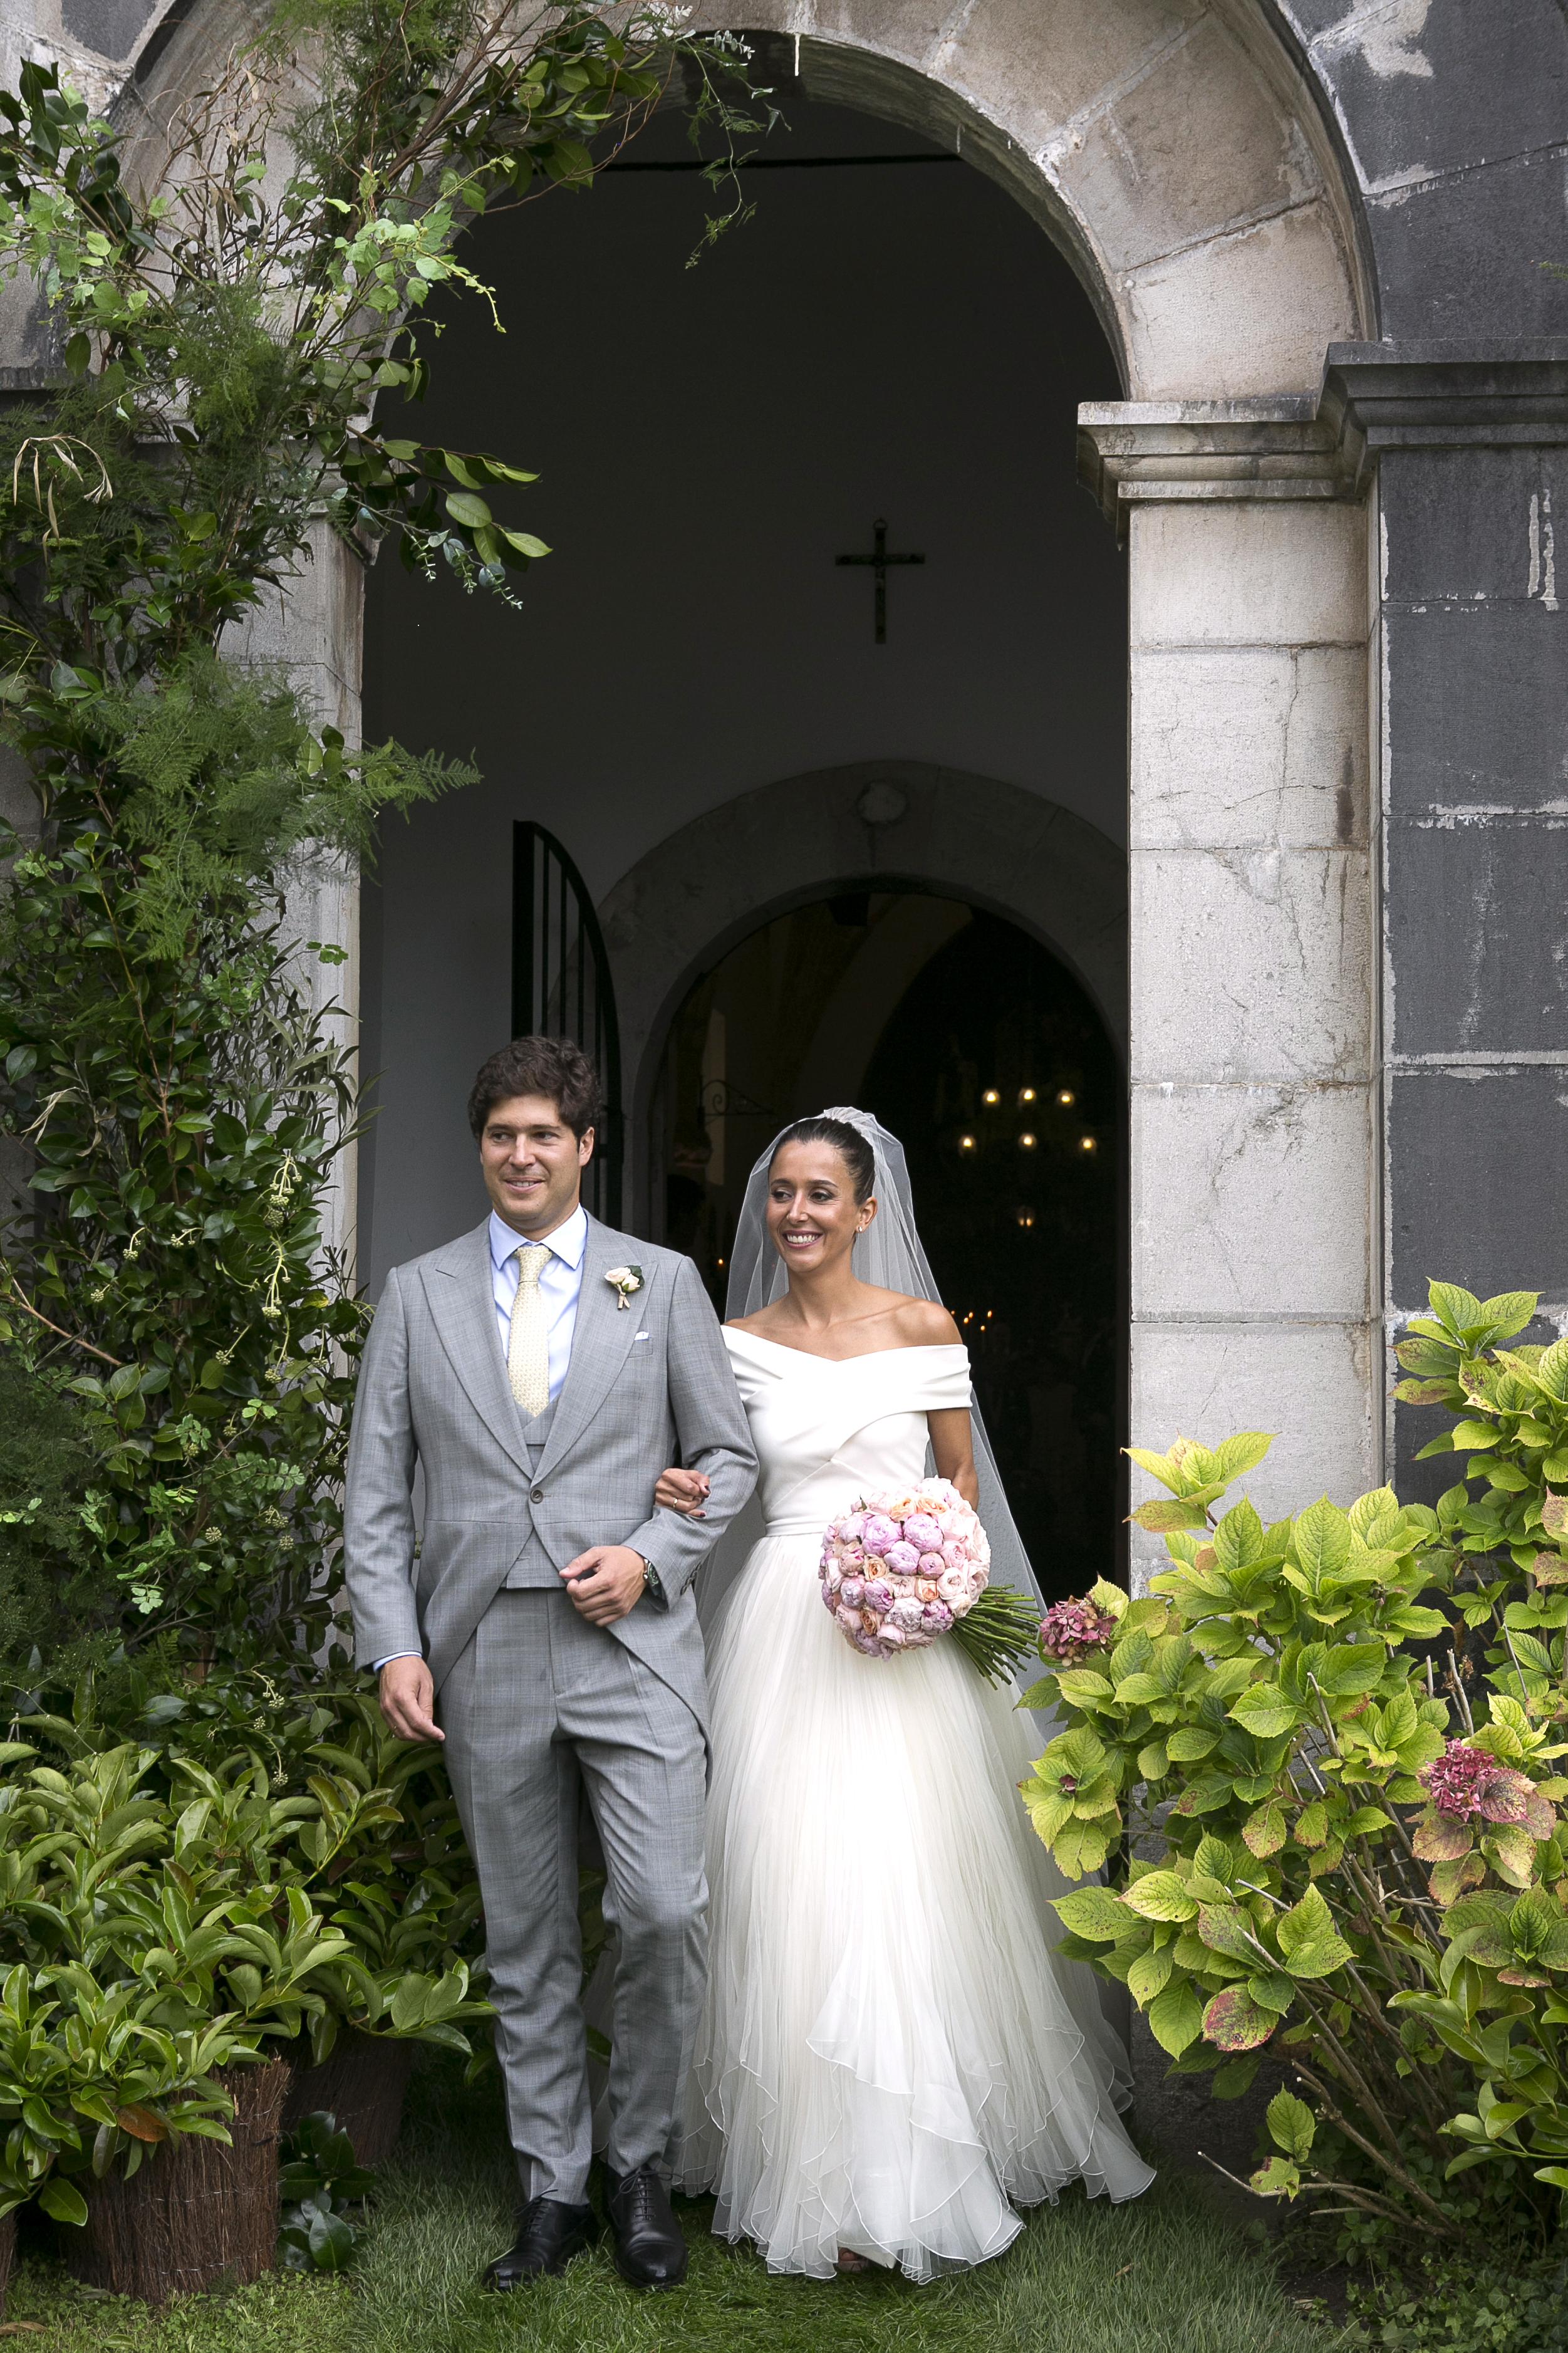 La boda de Candela en Llanes I